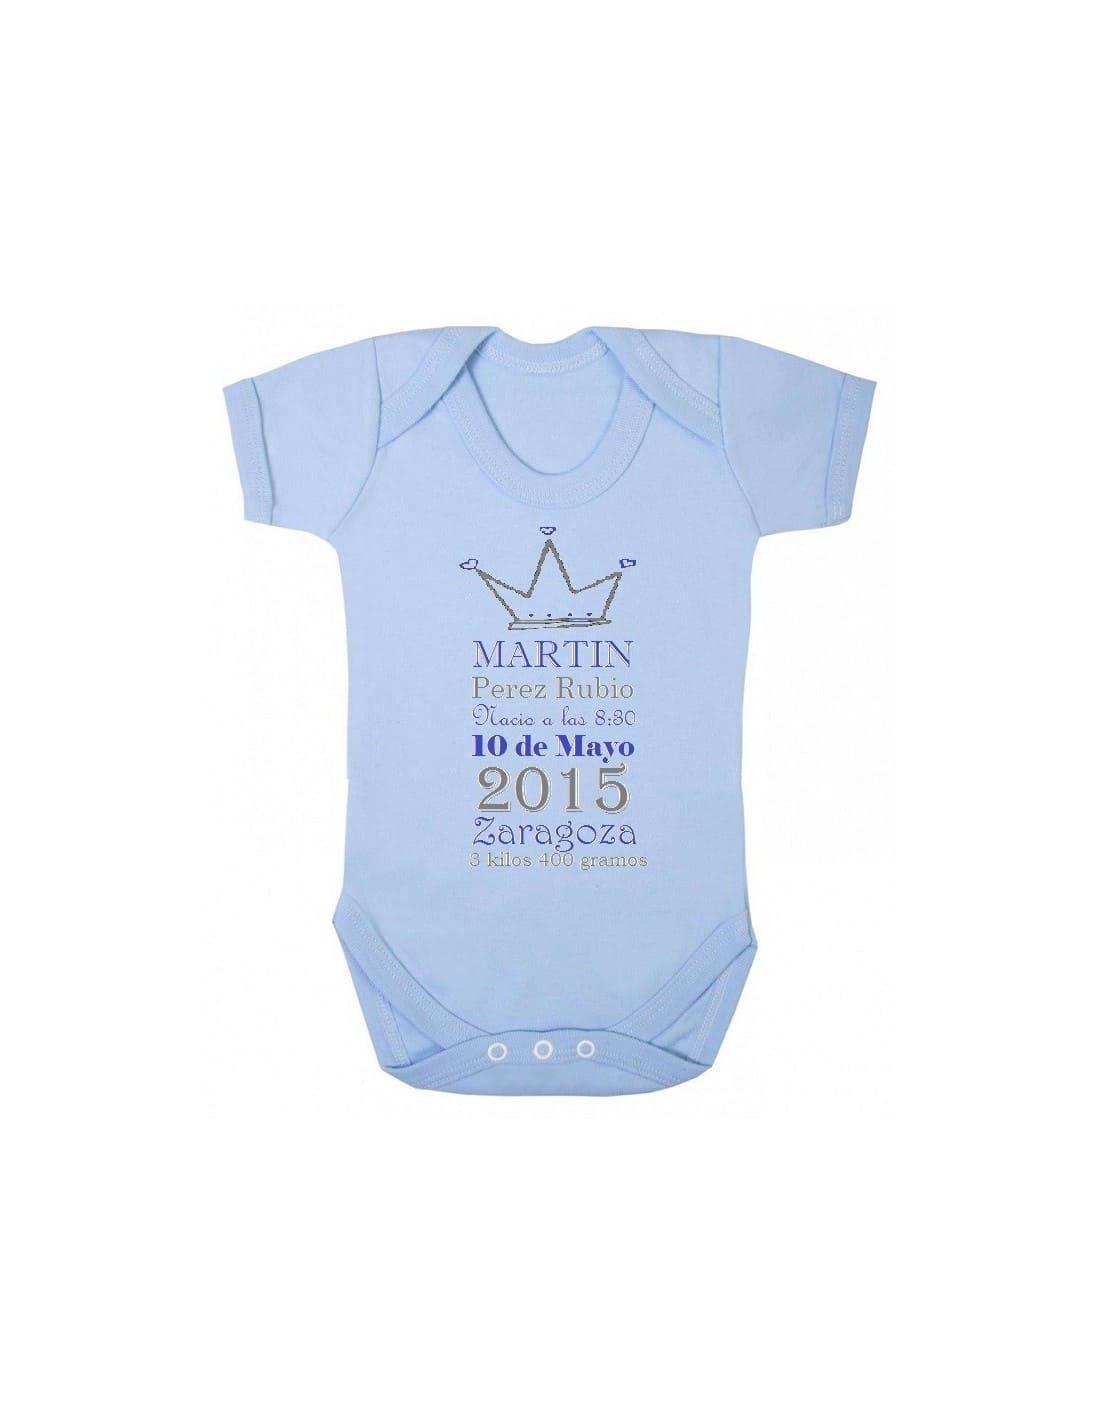 a40282534 ▷ Bodies Personalizados para Bebés. Entrega en 24h! - La Cestita ...